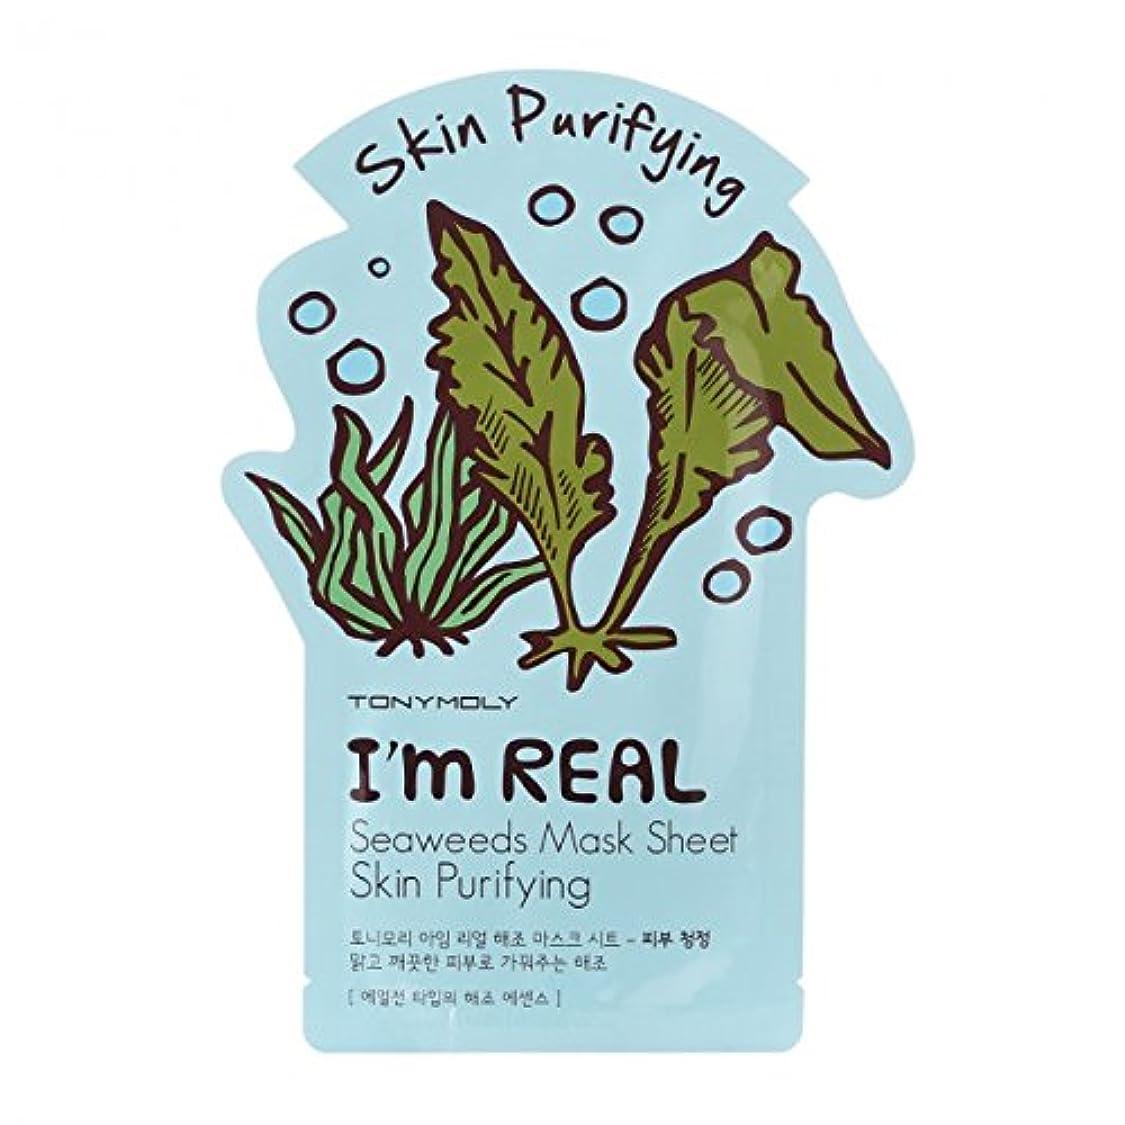 進化するユーモラス変わる(6 Pack) TONYMOLY I'm Real Seaweeds Mask Sheet Skin Purifying (並行輸入品)